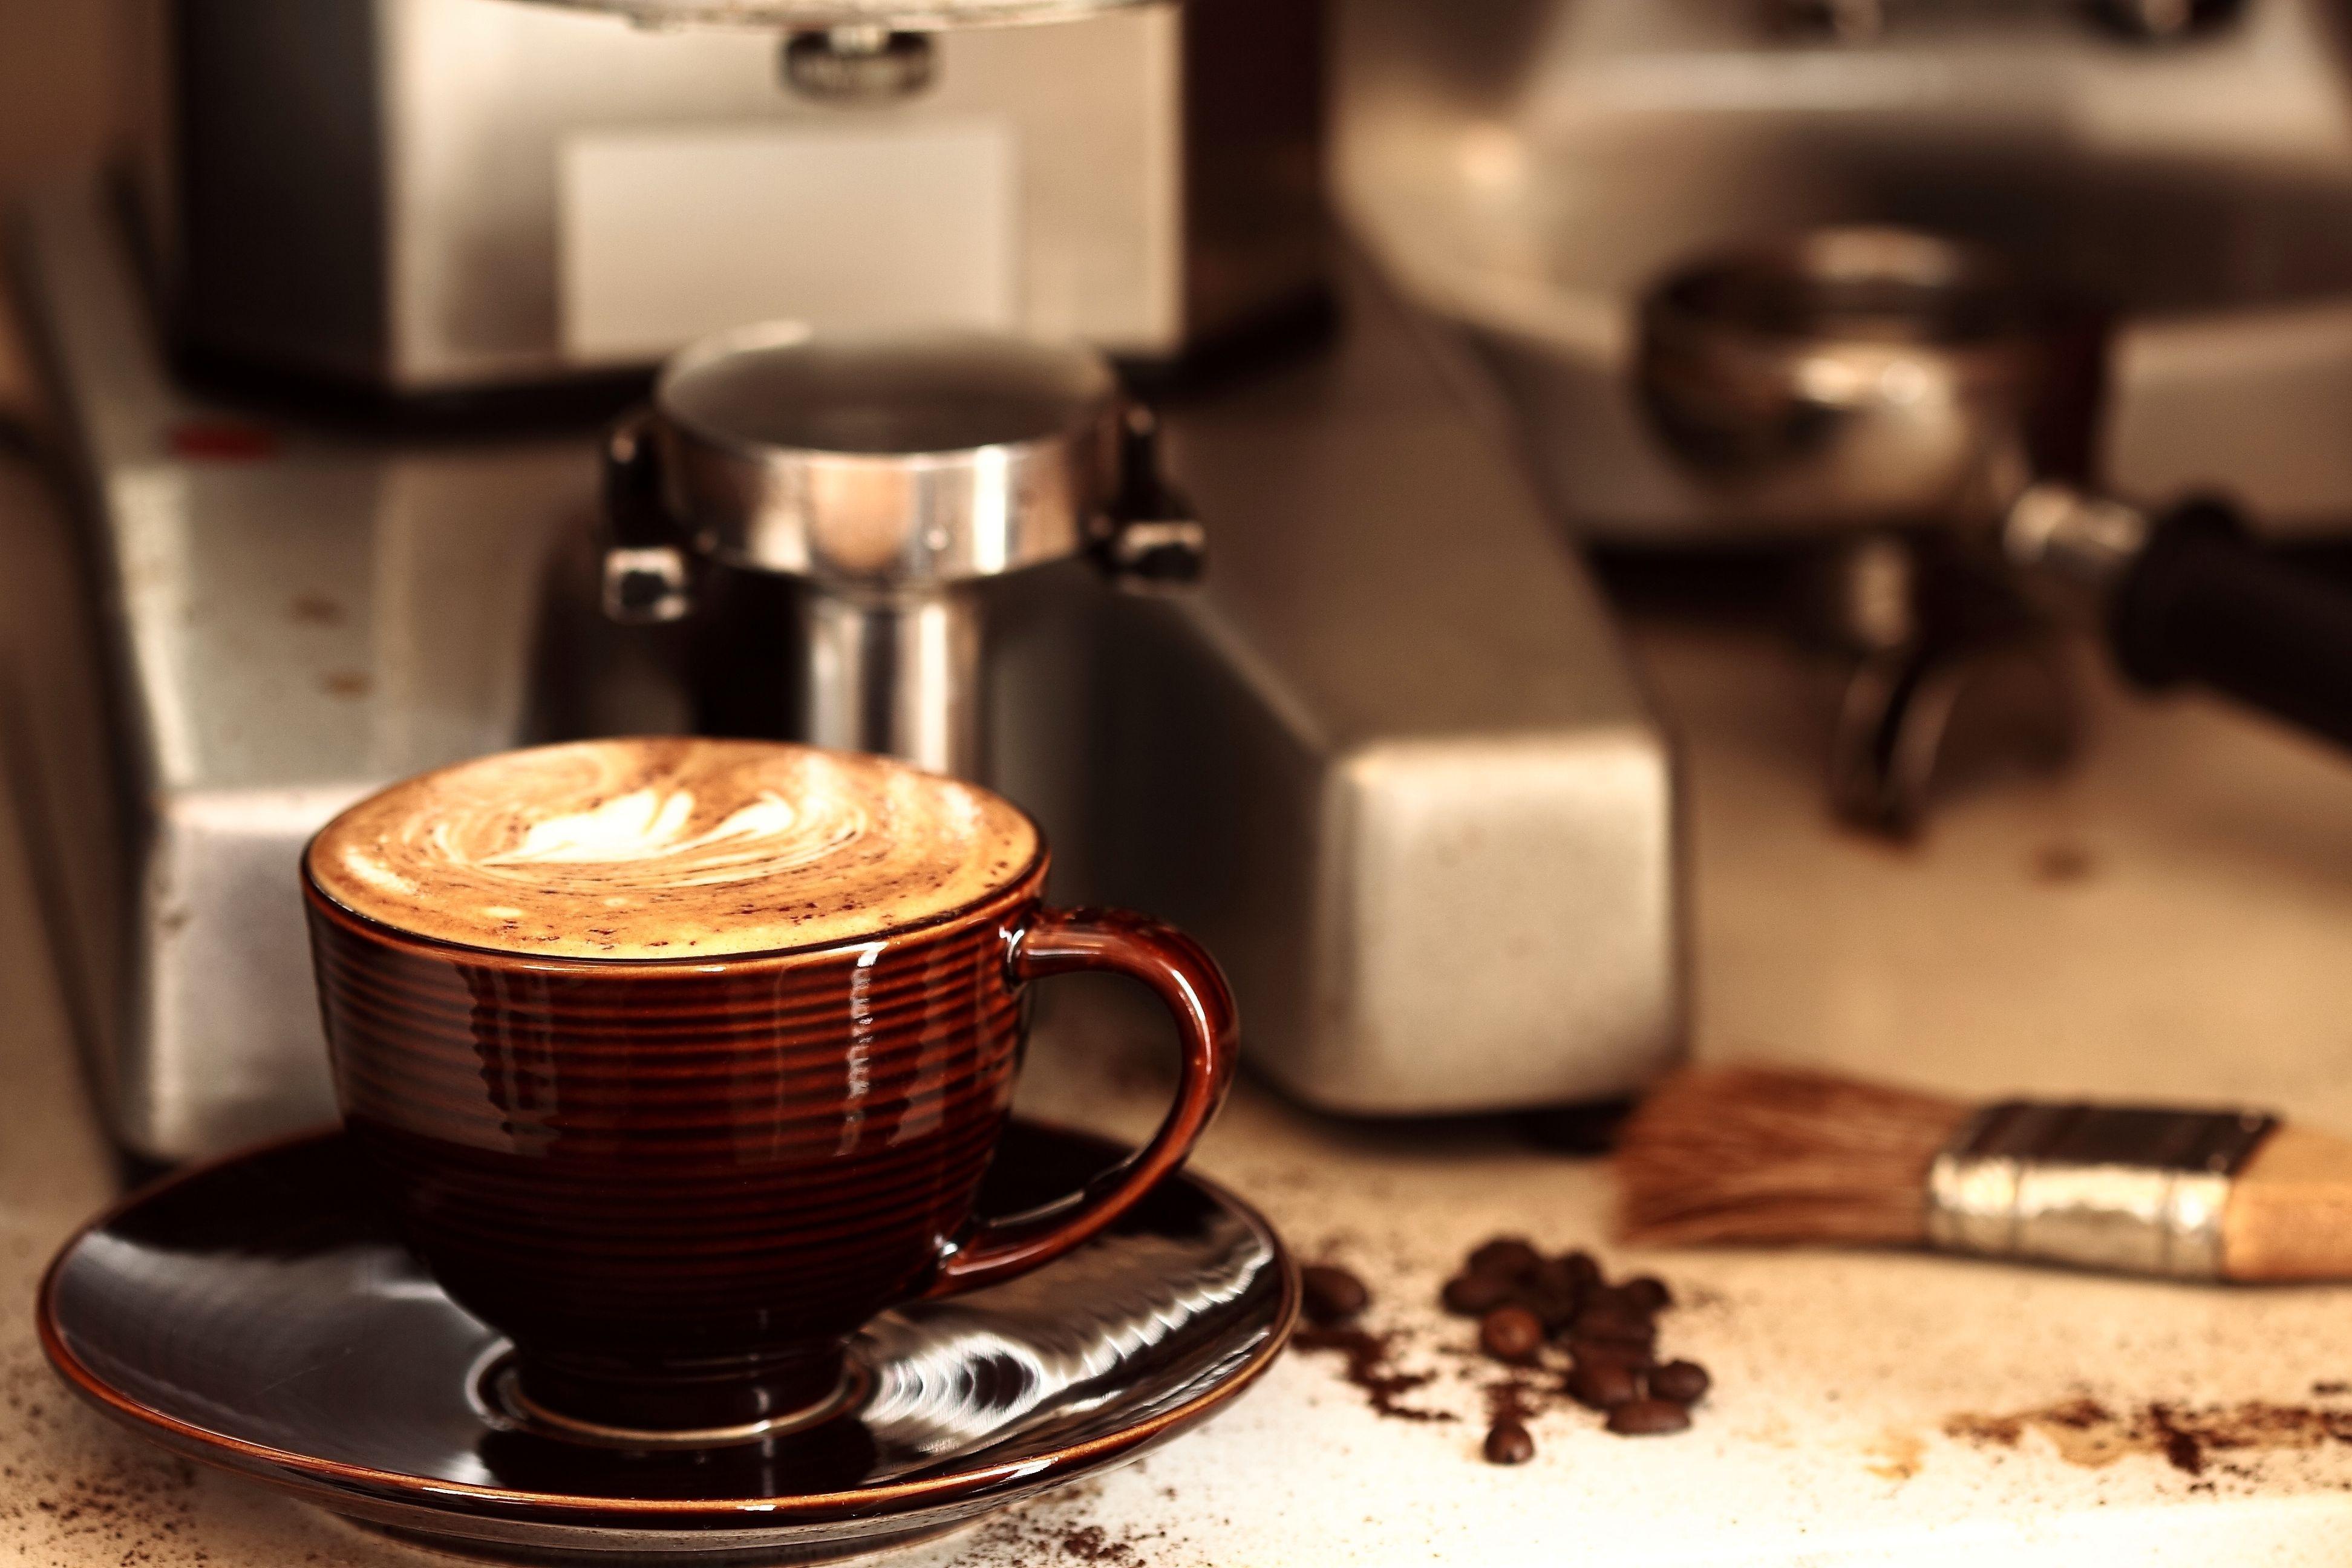 Капсульный кофе: технология будущего или модный тренд?